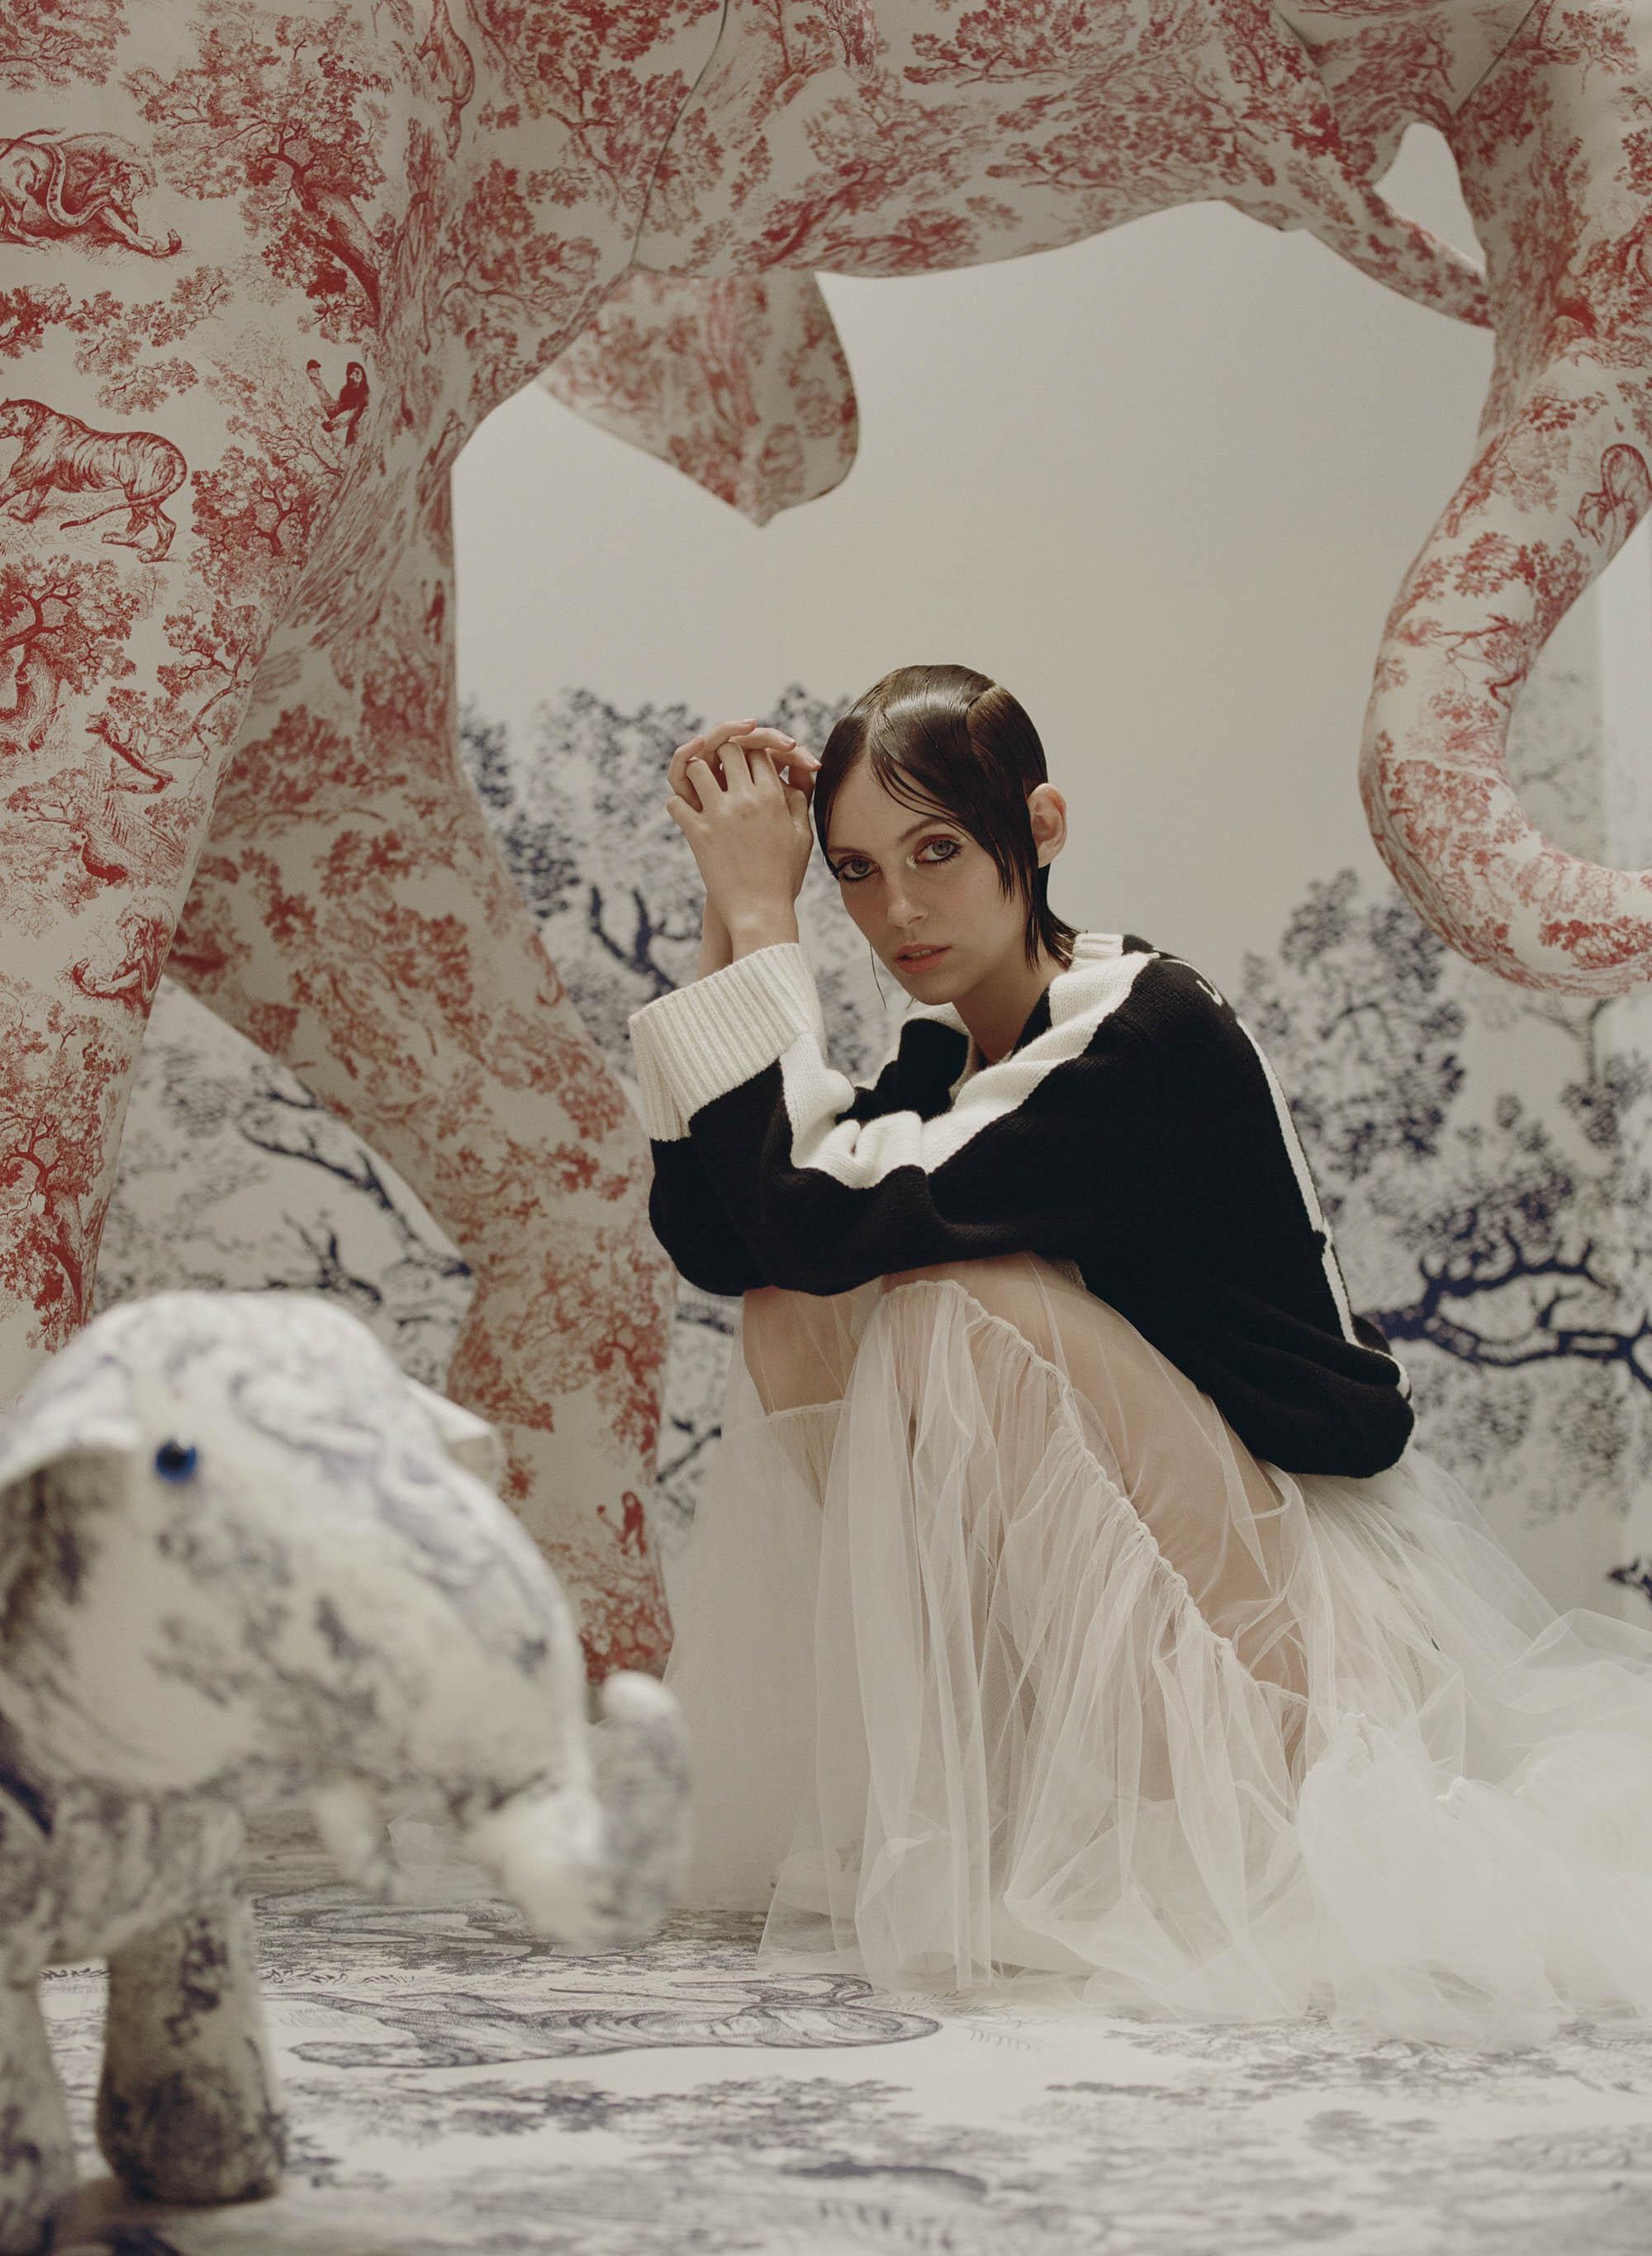 DAPHNENGUYEN-Dior x Matilda final-181214000246270009.jpg